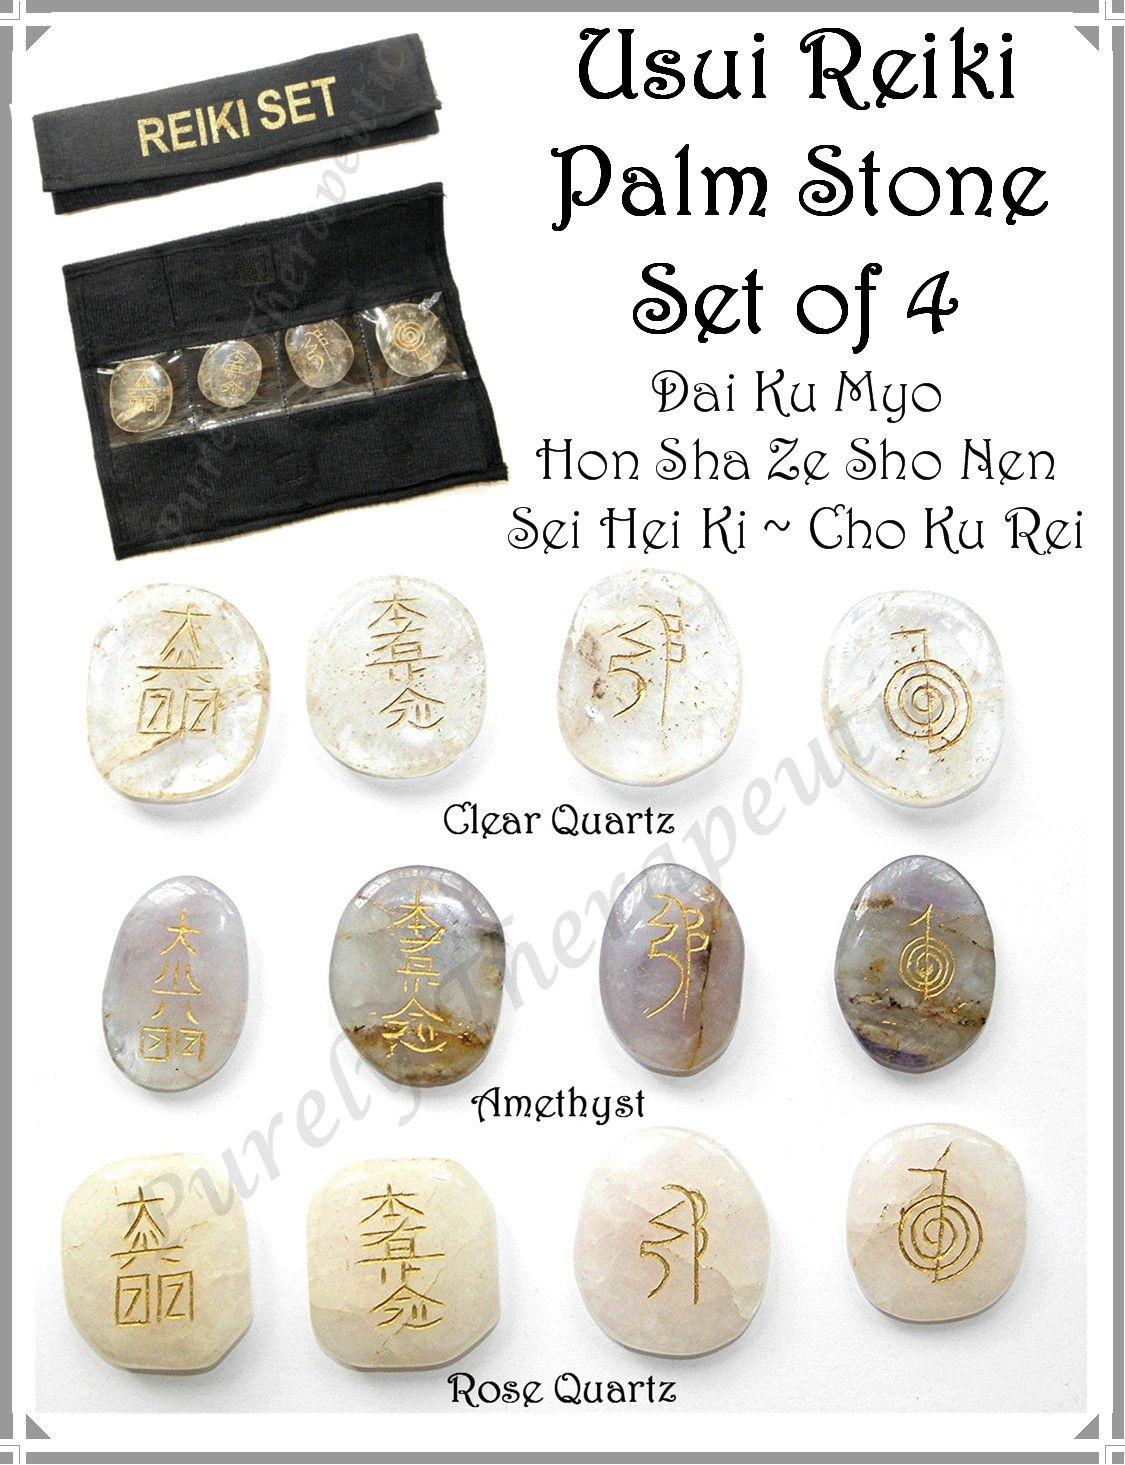 Set of 4 usui engraved reiki palm stones 4 gemstone palm stones set of 4 usui engraved reiki palm stones 4 gemstone palm stones have the 4 reiki symbols hand carved into them dai ku myomaster symbol hon sha ze sho buycottarizona Images